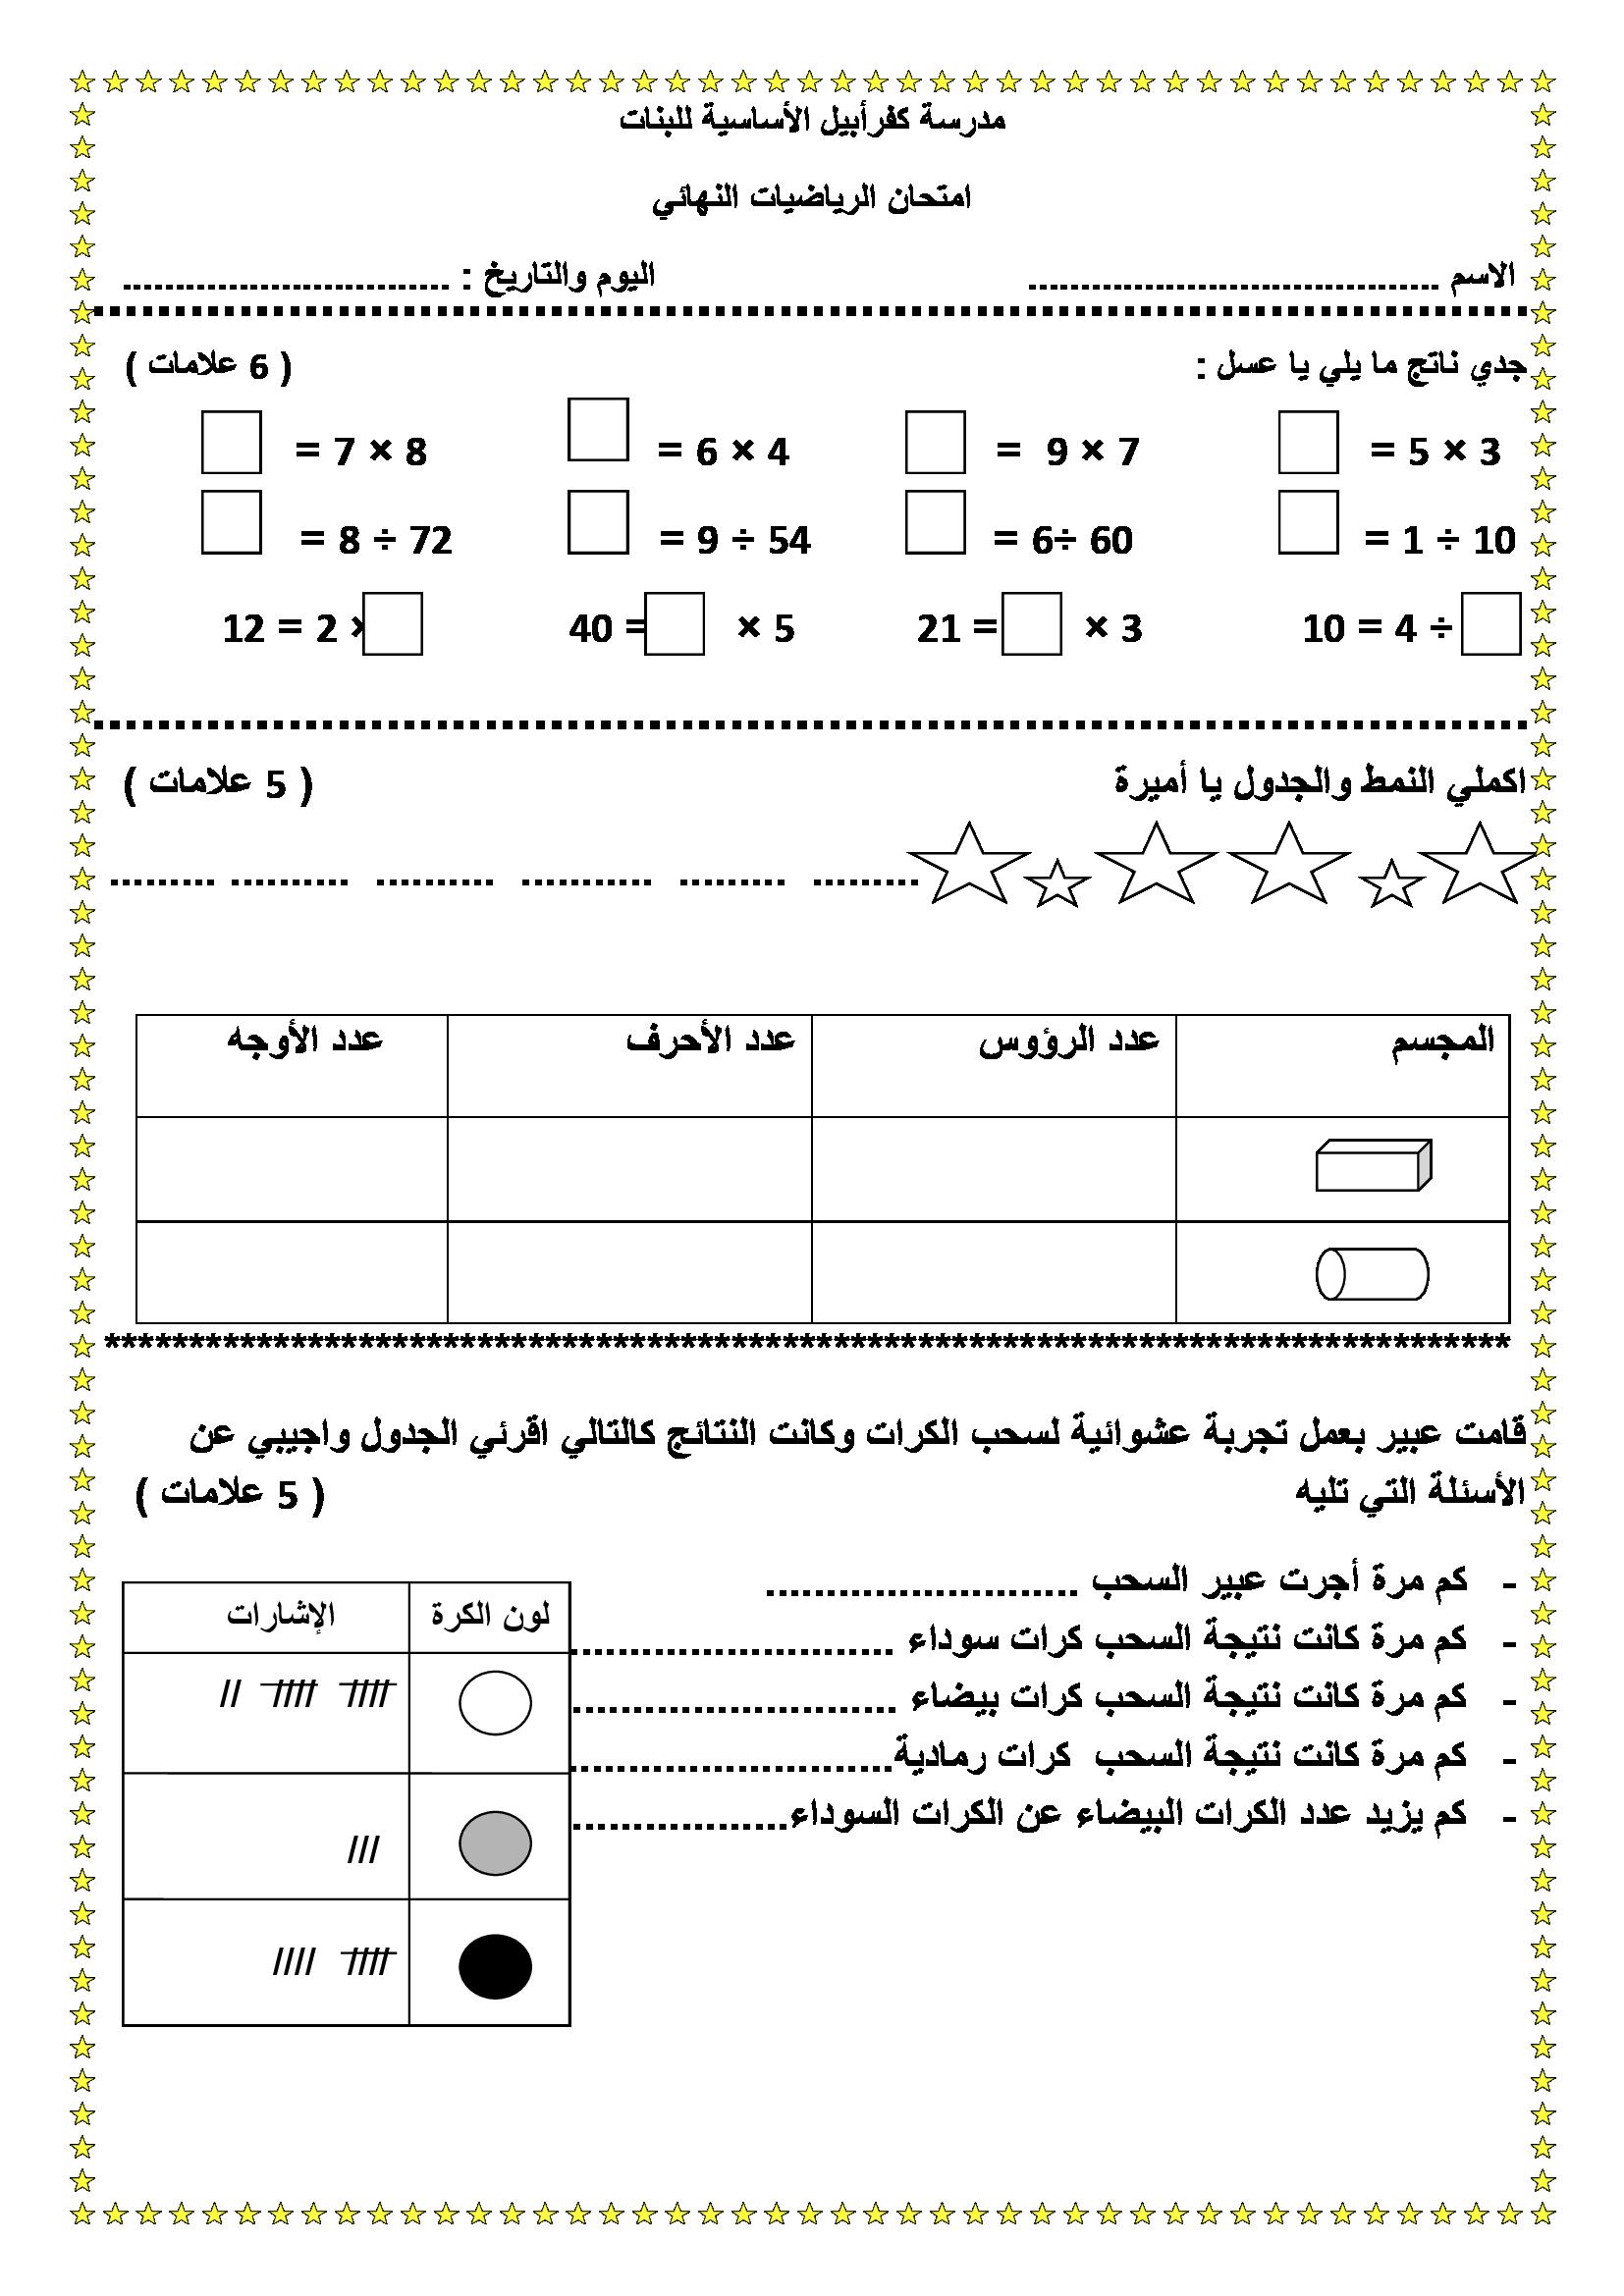 الاختبار النهائي لمادة الرياضيات للصف الثالث الفصل الثاني 2019